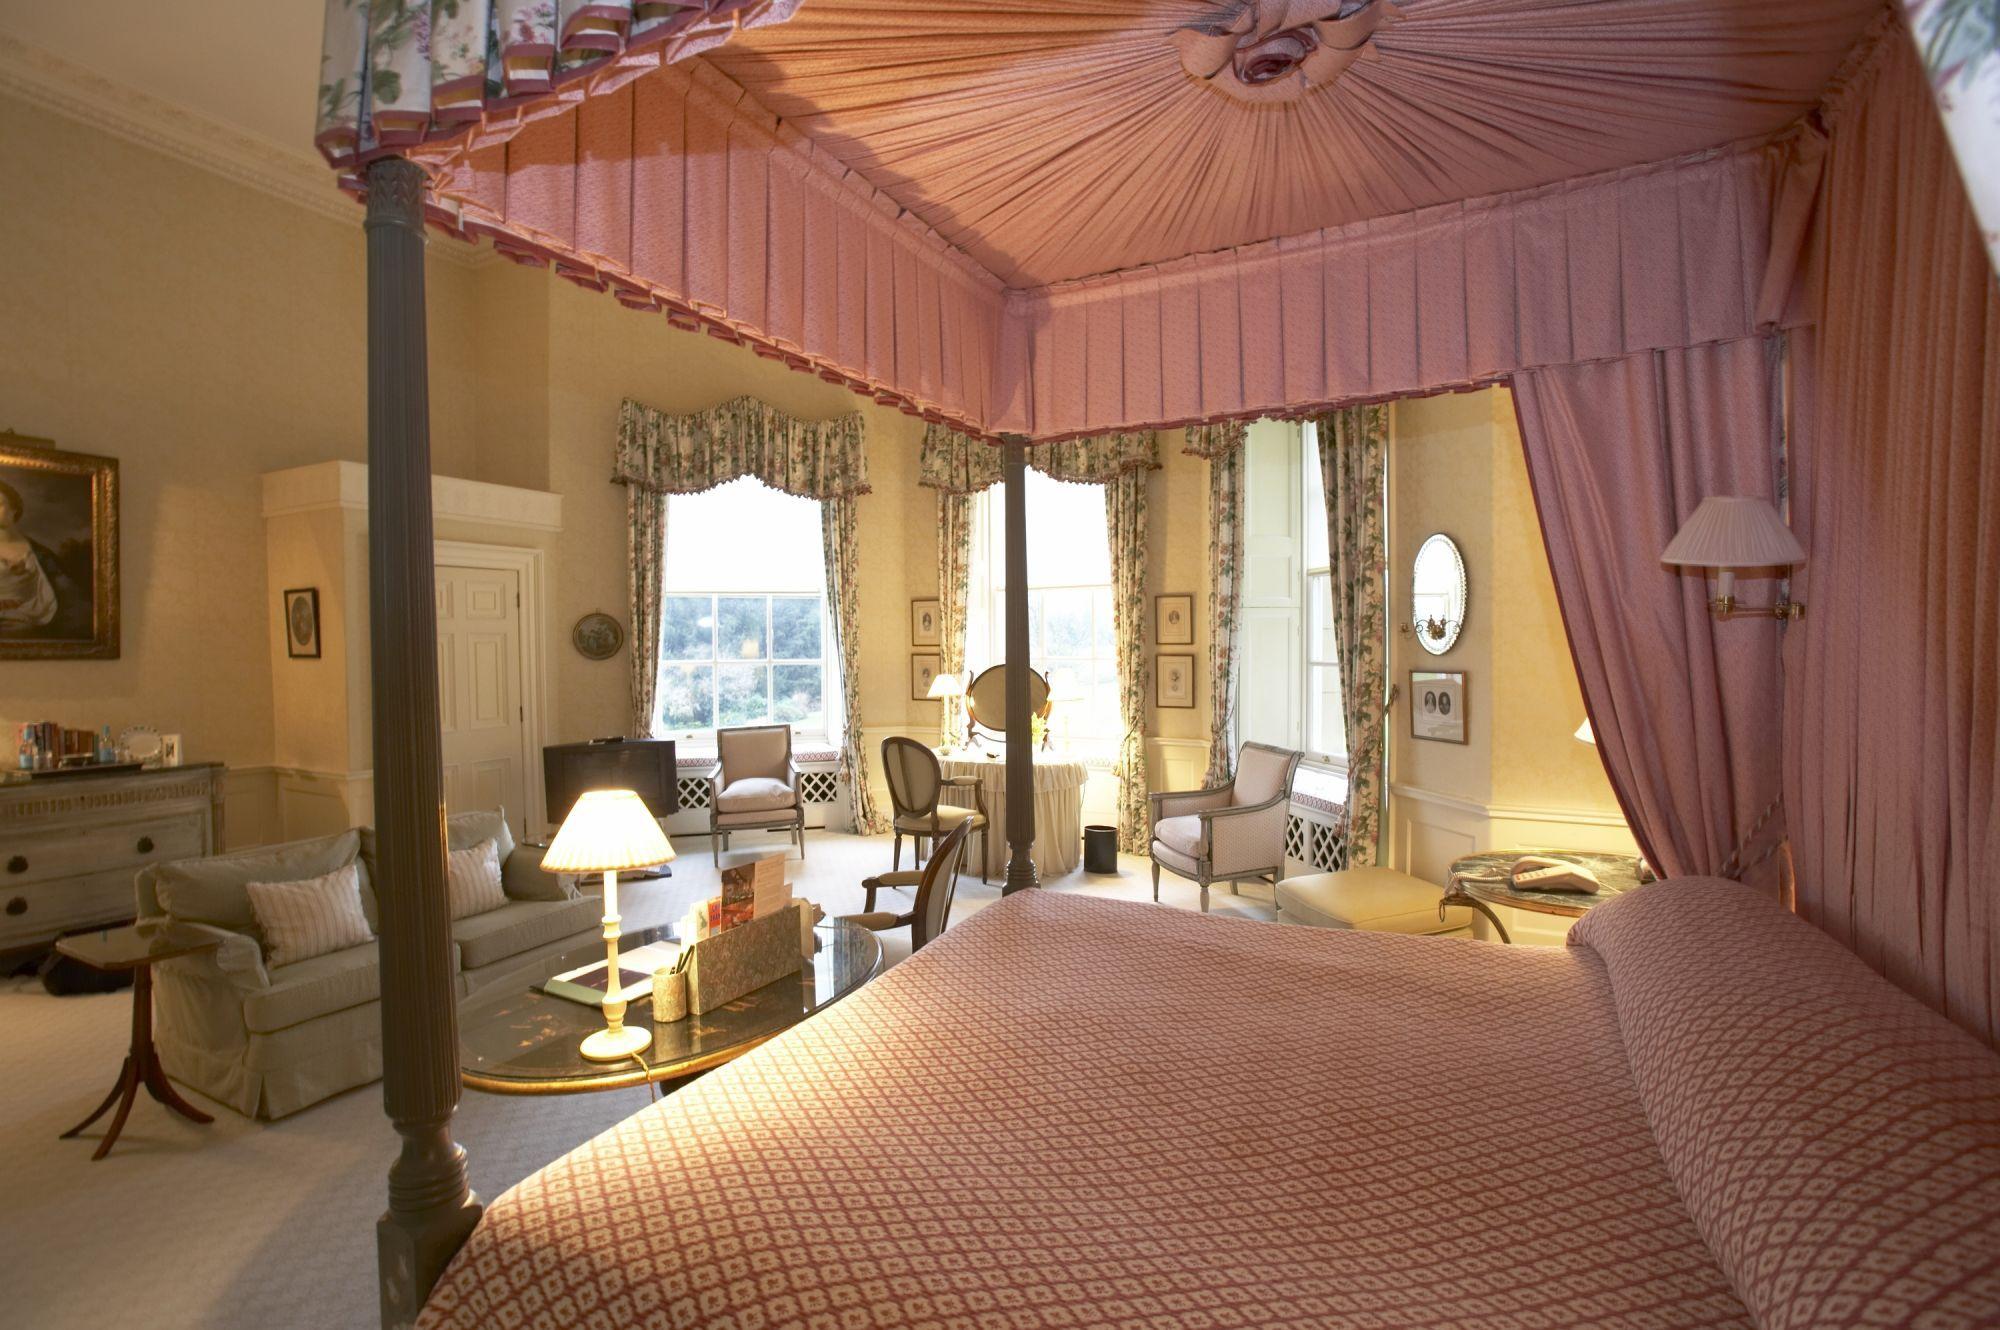 Weekend Getaway At Hartwell House Hotel Houseluxury Spa Hotelsluxury Travelhotel Spaacresouth East